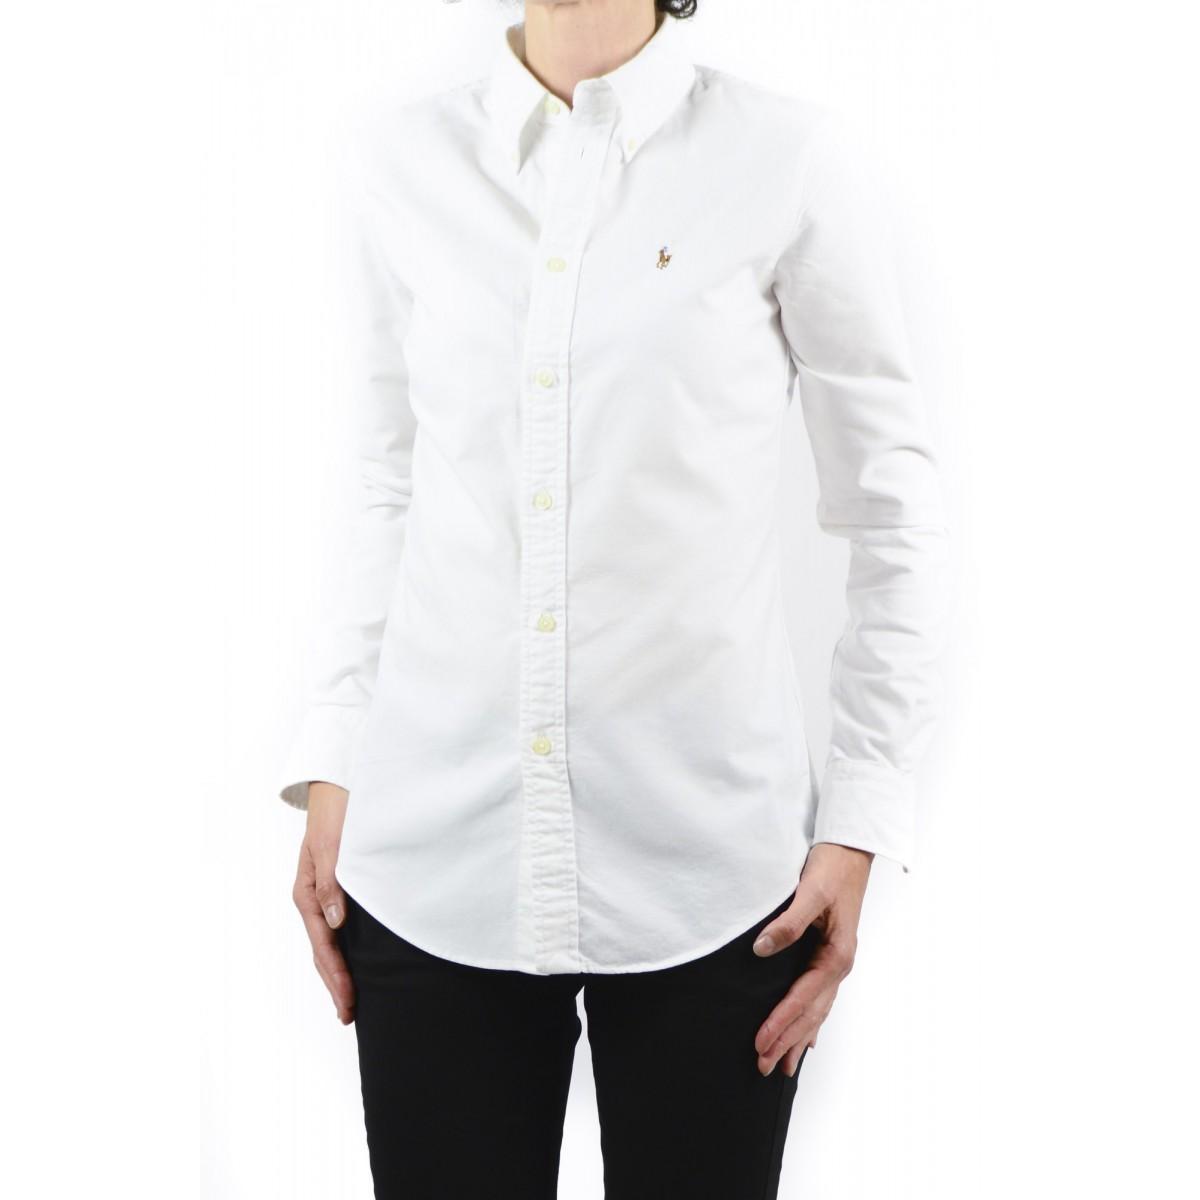 Blouse Ralph Lauren Woman - V33Iohrsc9203 B11D1 - bianco